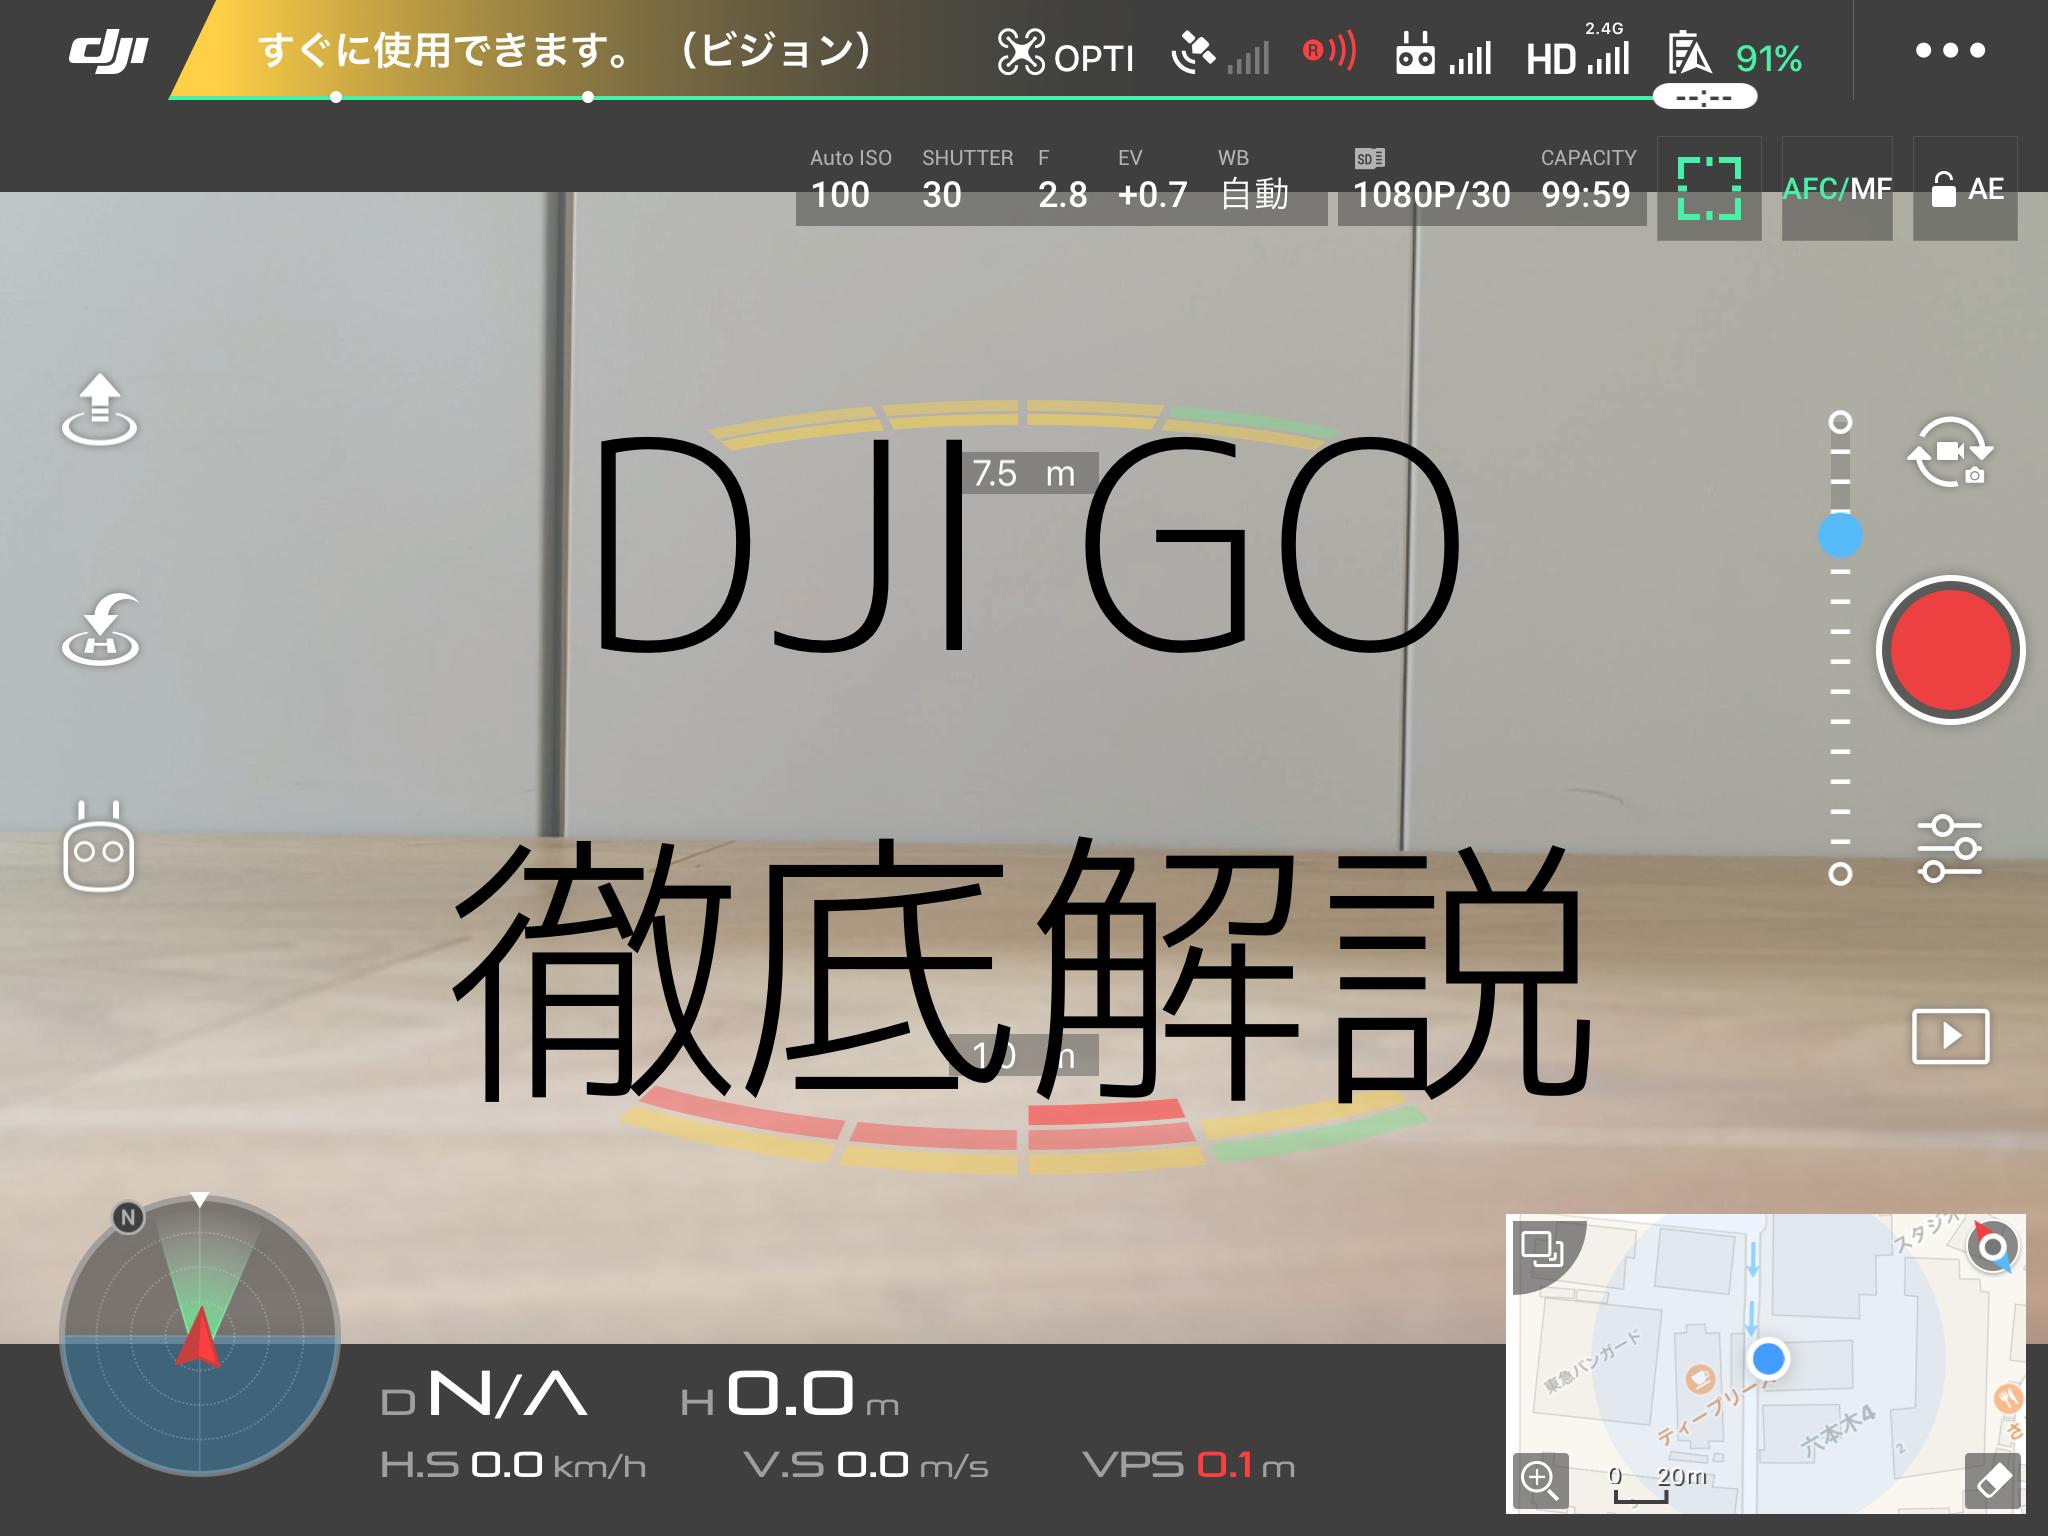 【DJIドローン初心者へ】DJI GOのオススメ設定からフライトまで 【徹底解説】